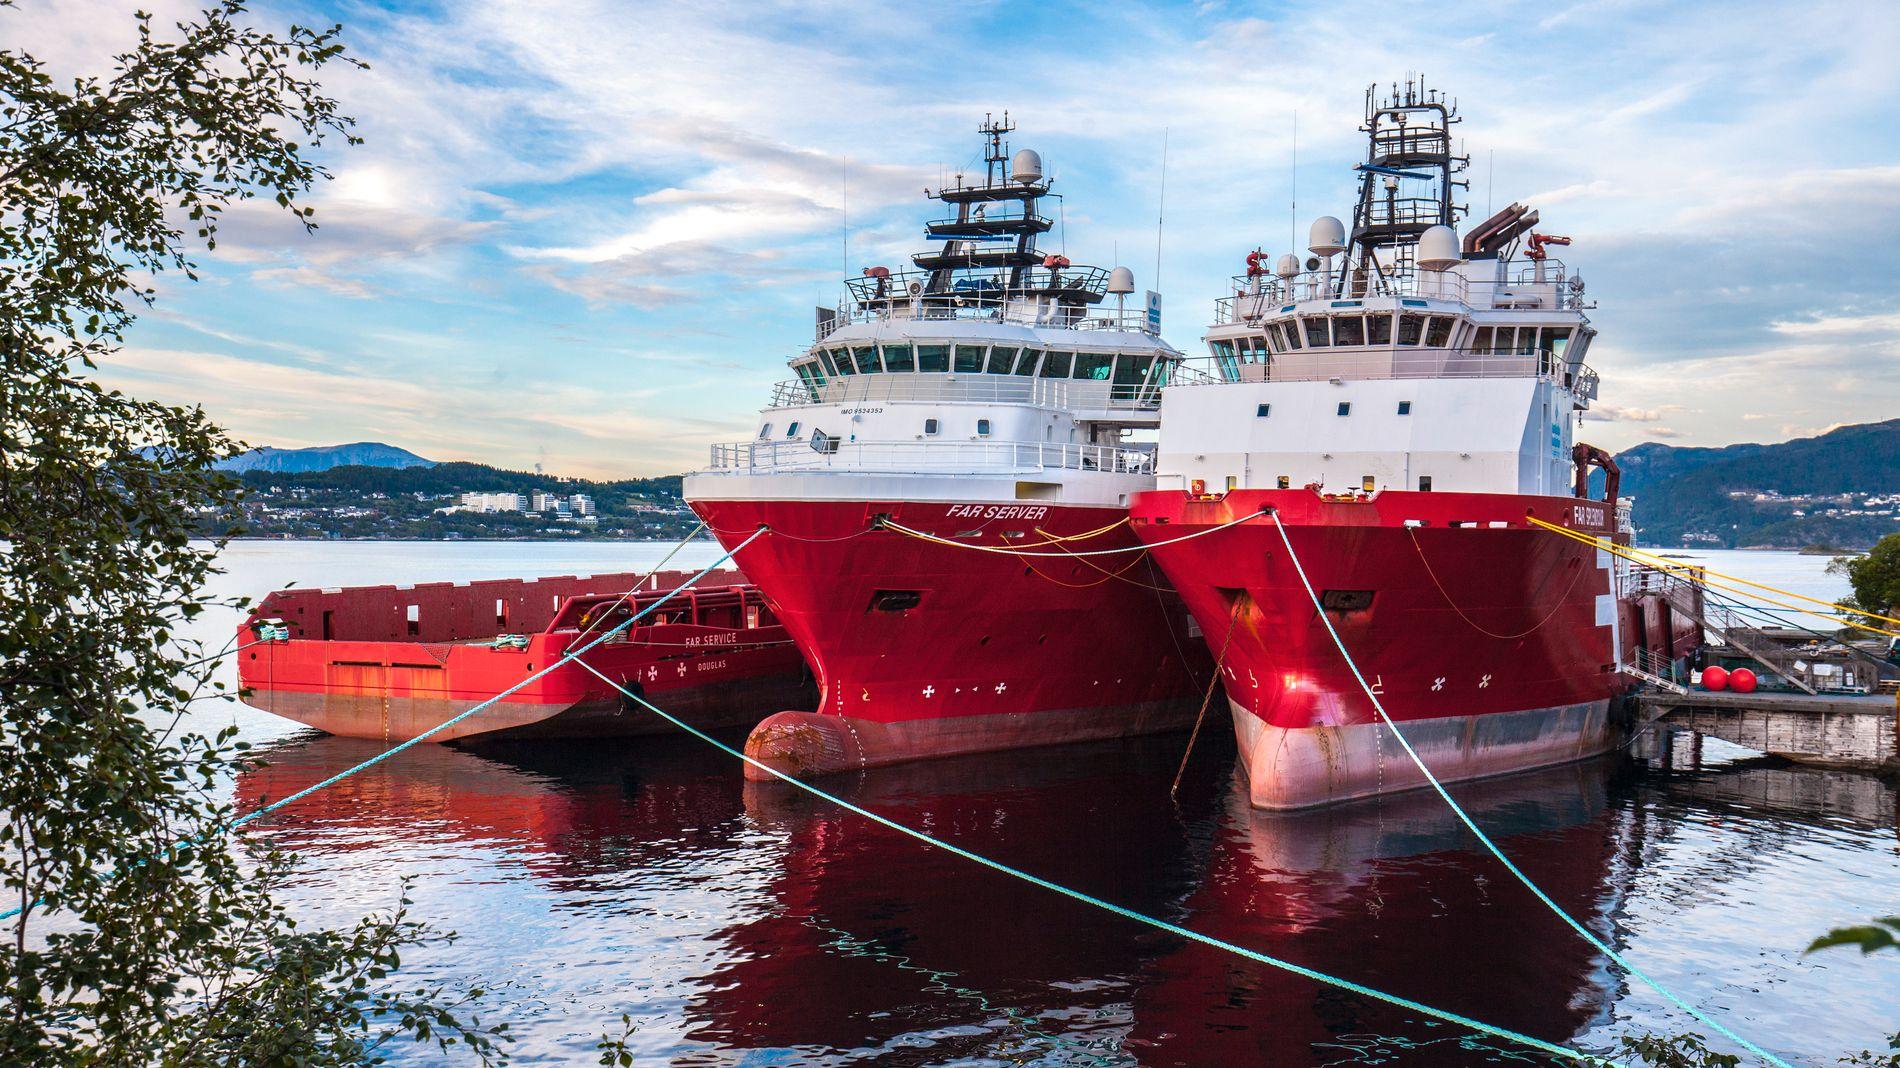 SolstadFarstad-sjefen sier de har fått indikasjoner på at de må selge unna flere skip.